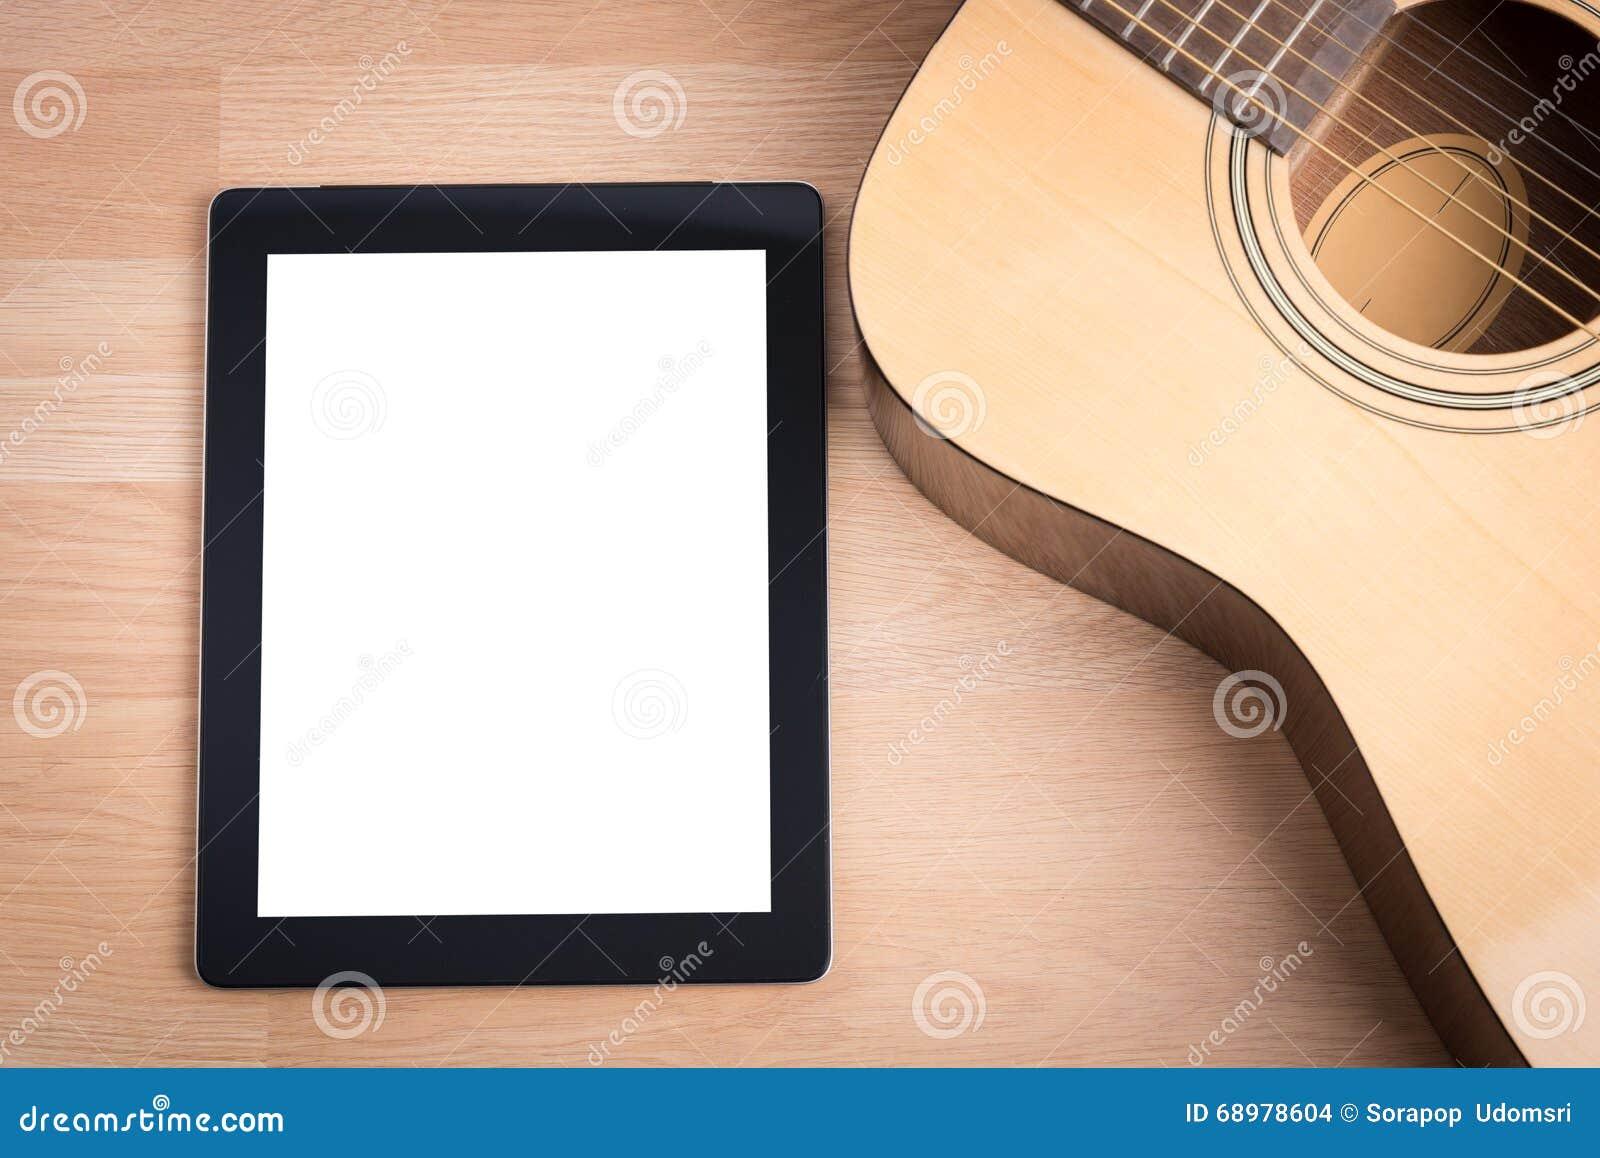 Guitarra acústica con la tableta digital